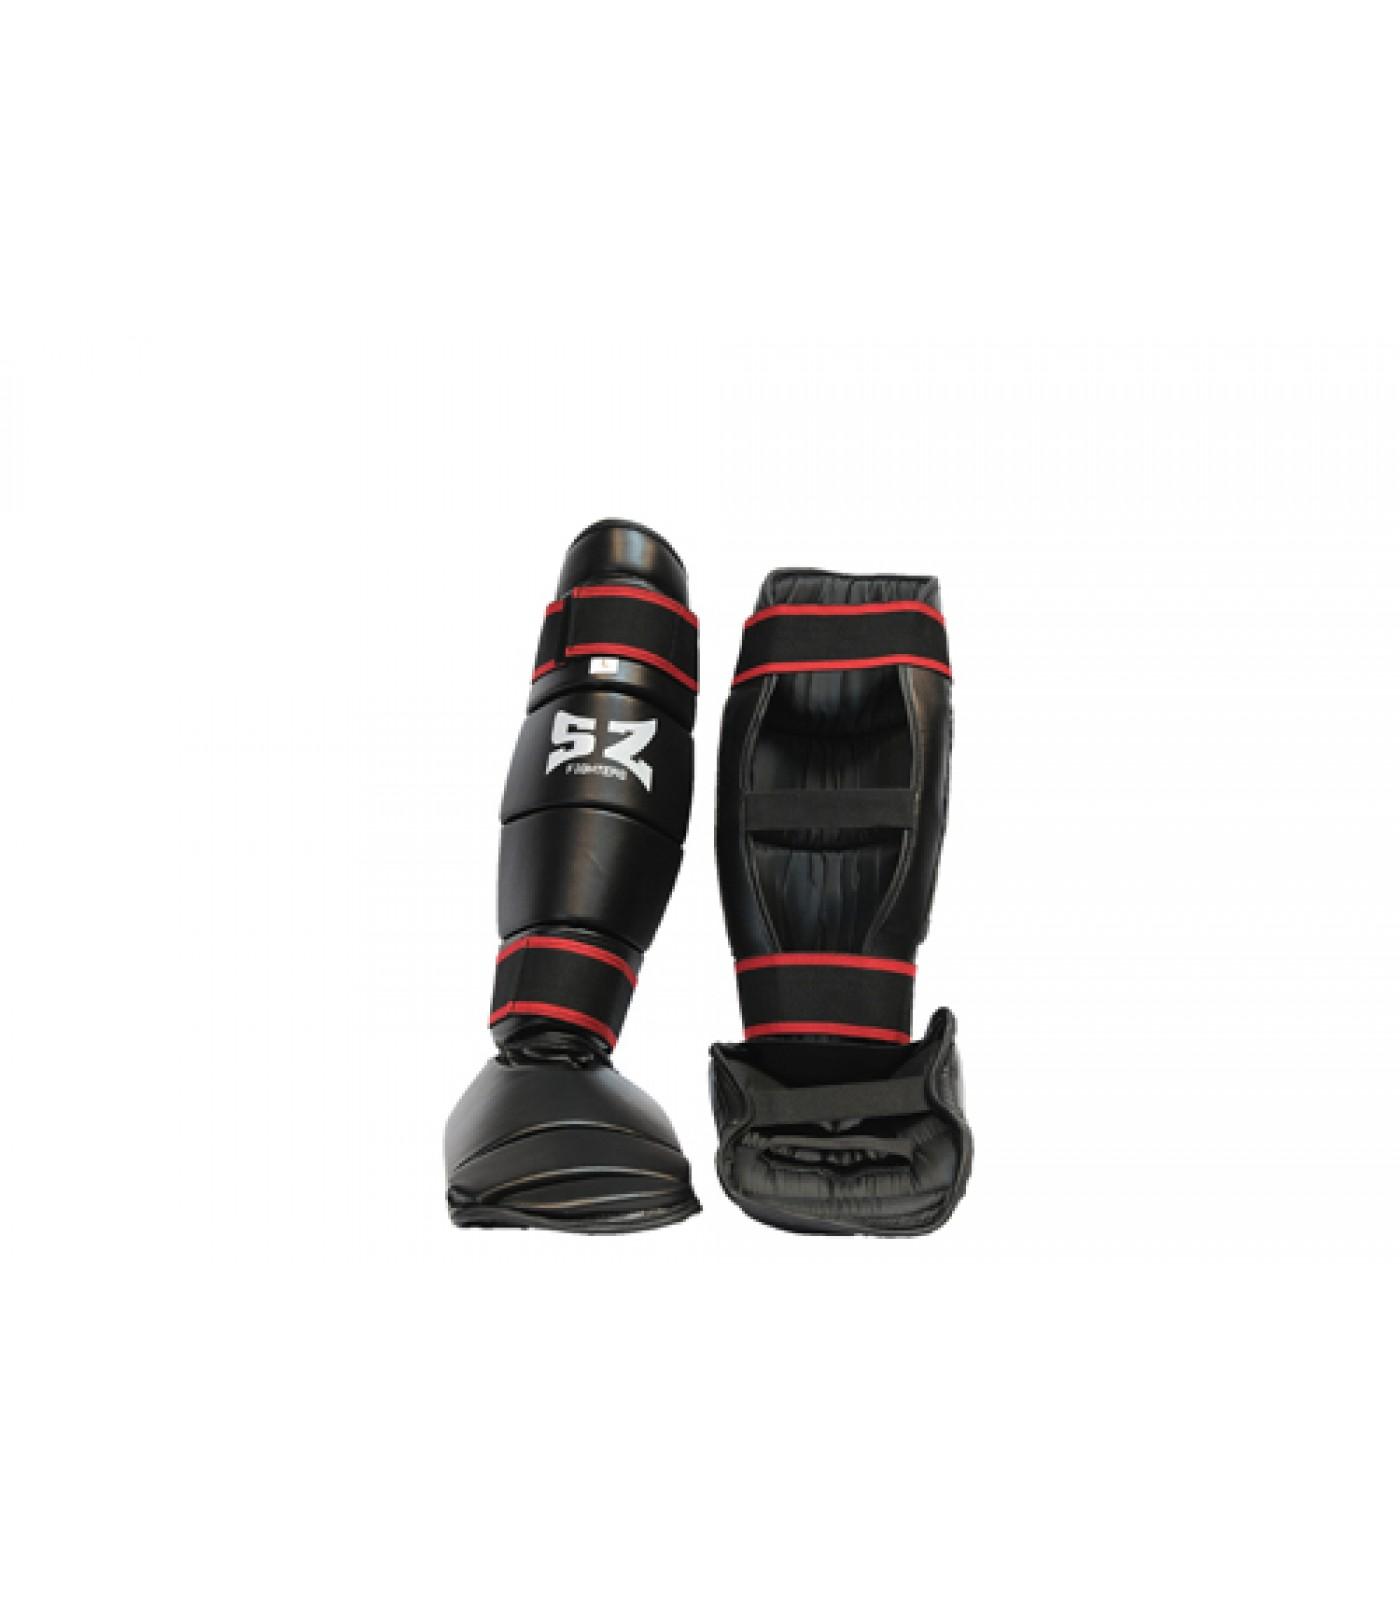 SZ Fighters - Протектори за крака - кожени / черни